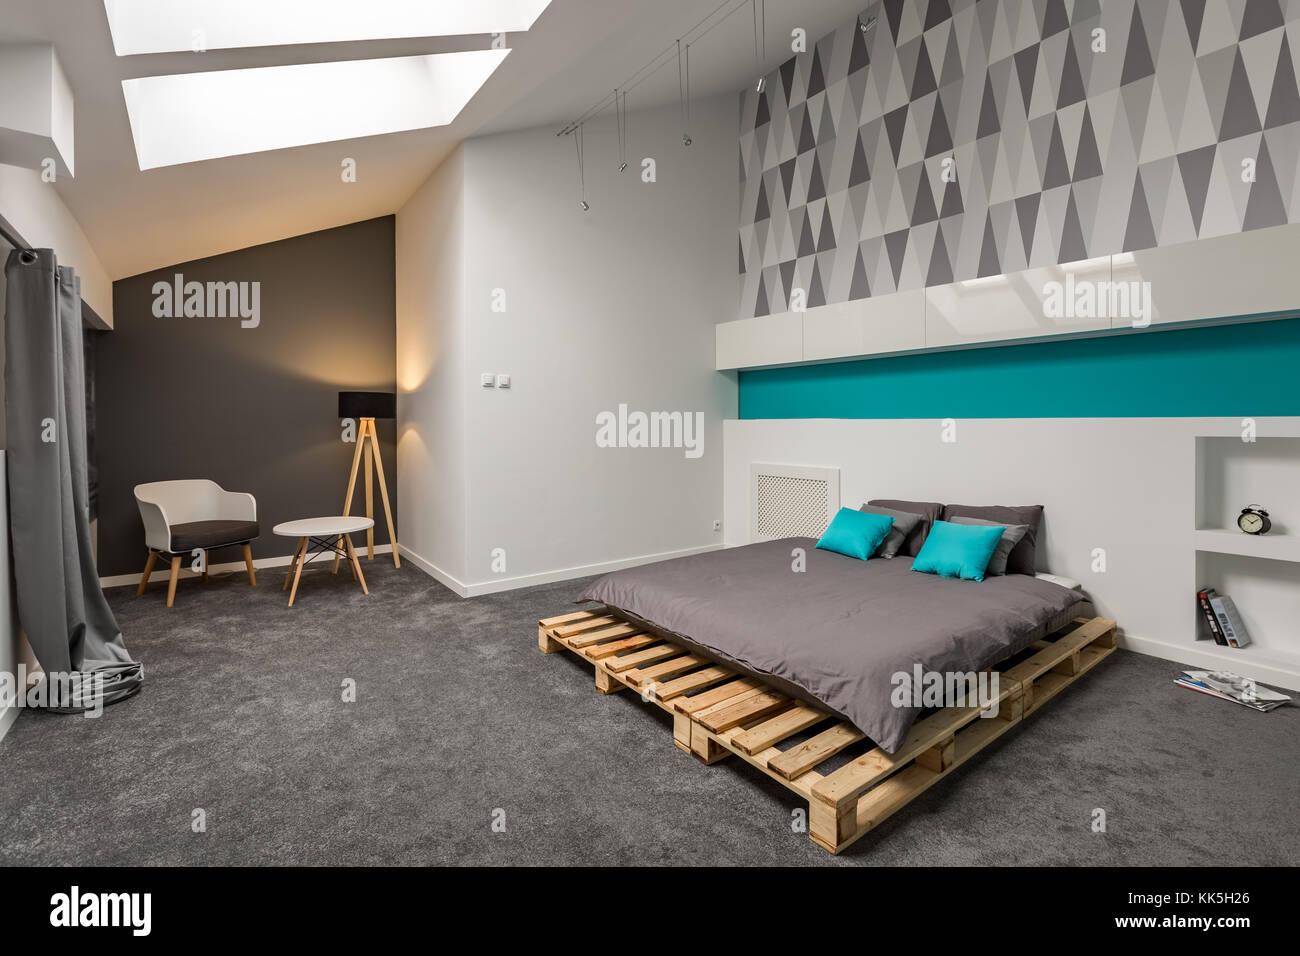 Letto Di Pallets : Grigio e bianco camera da letto con letto di pallet e carta da